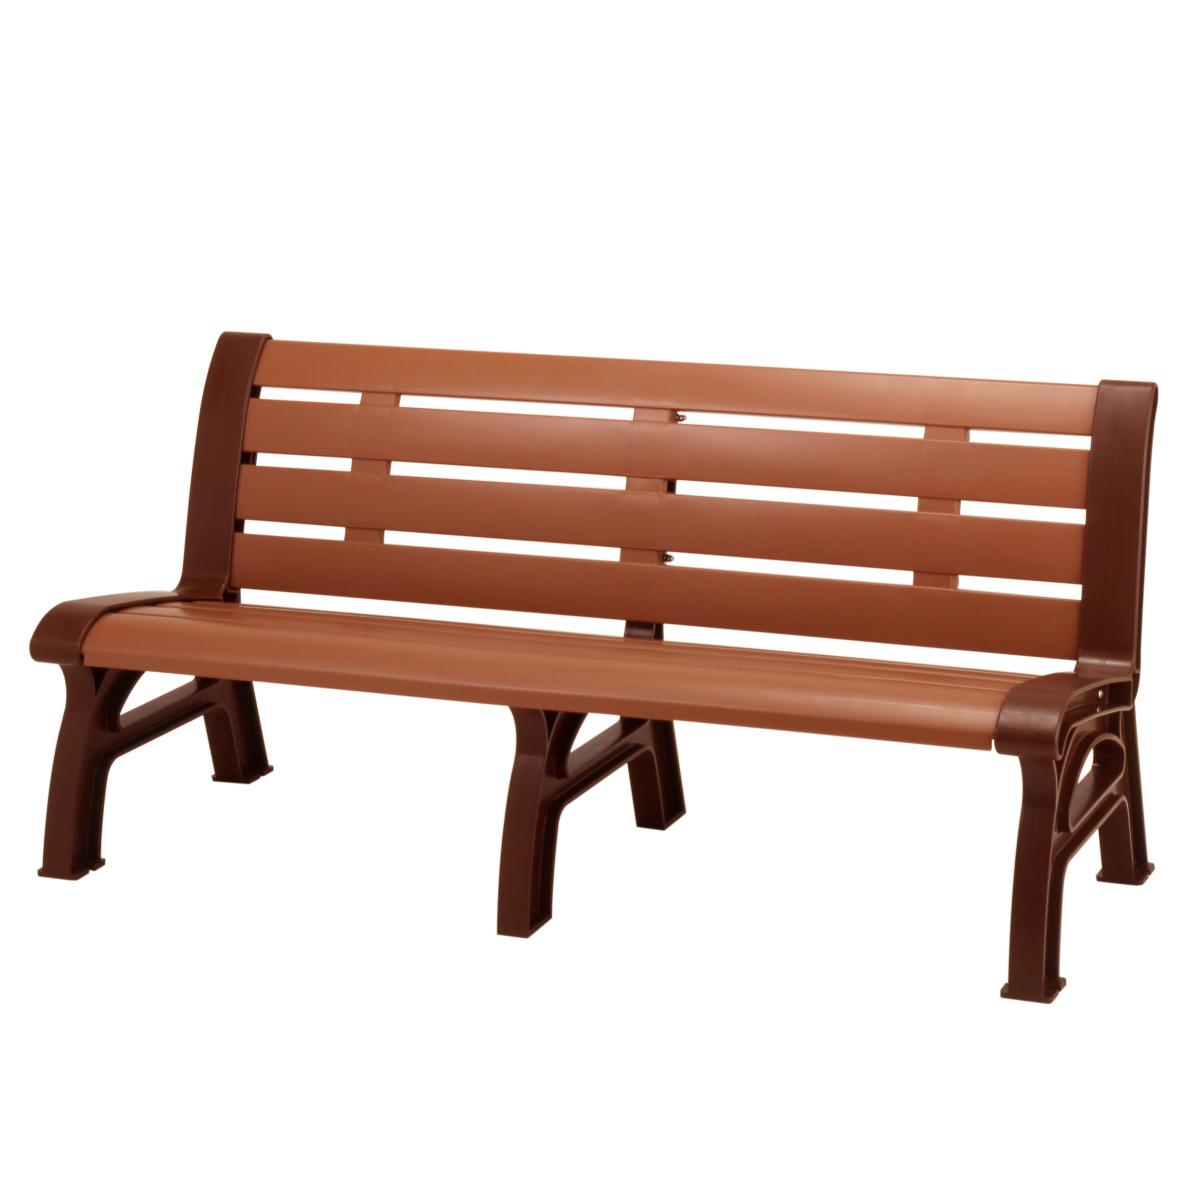 木調エコベンチ 再生樹脂製 160cm ブラウン 2~3人掛け ( 送料無料 長椅子 屋内 屋外 ) 【5000円以上送料無料】